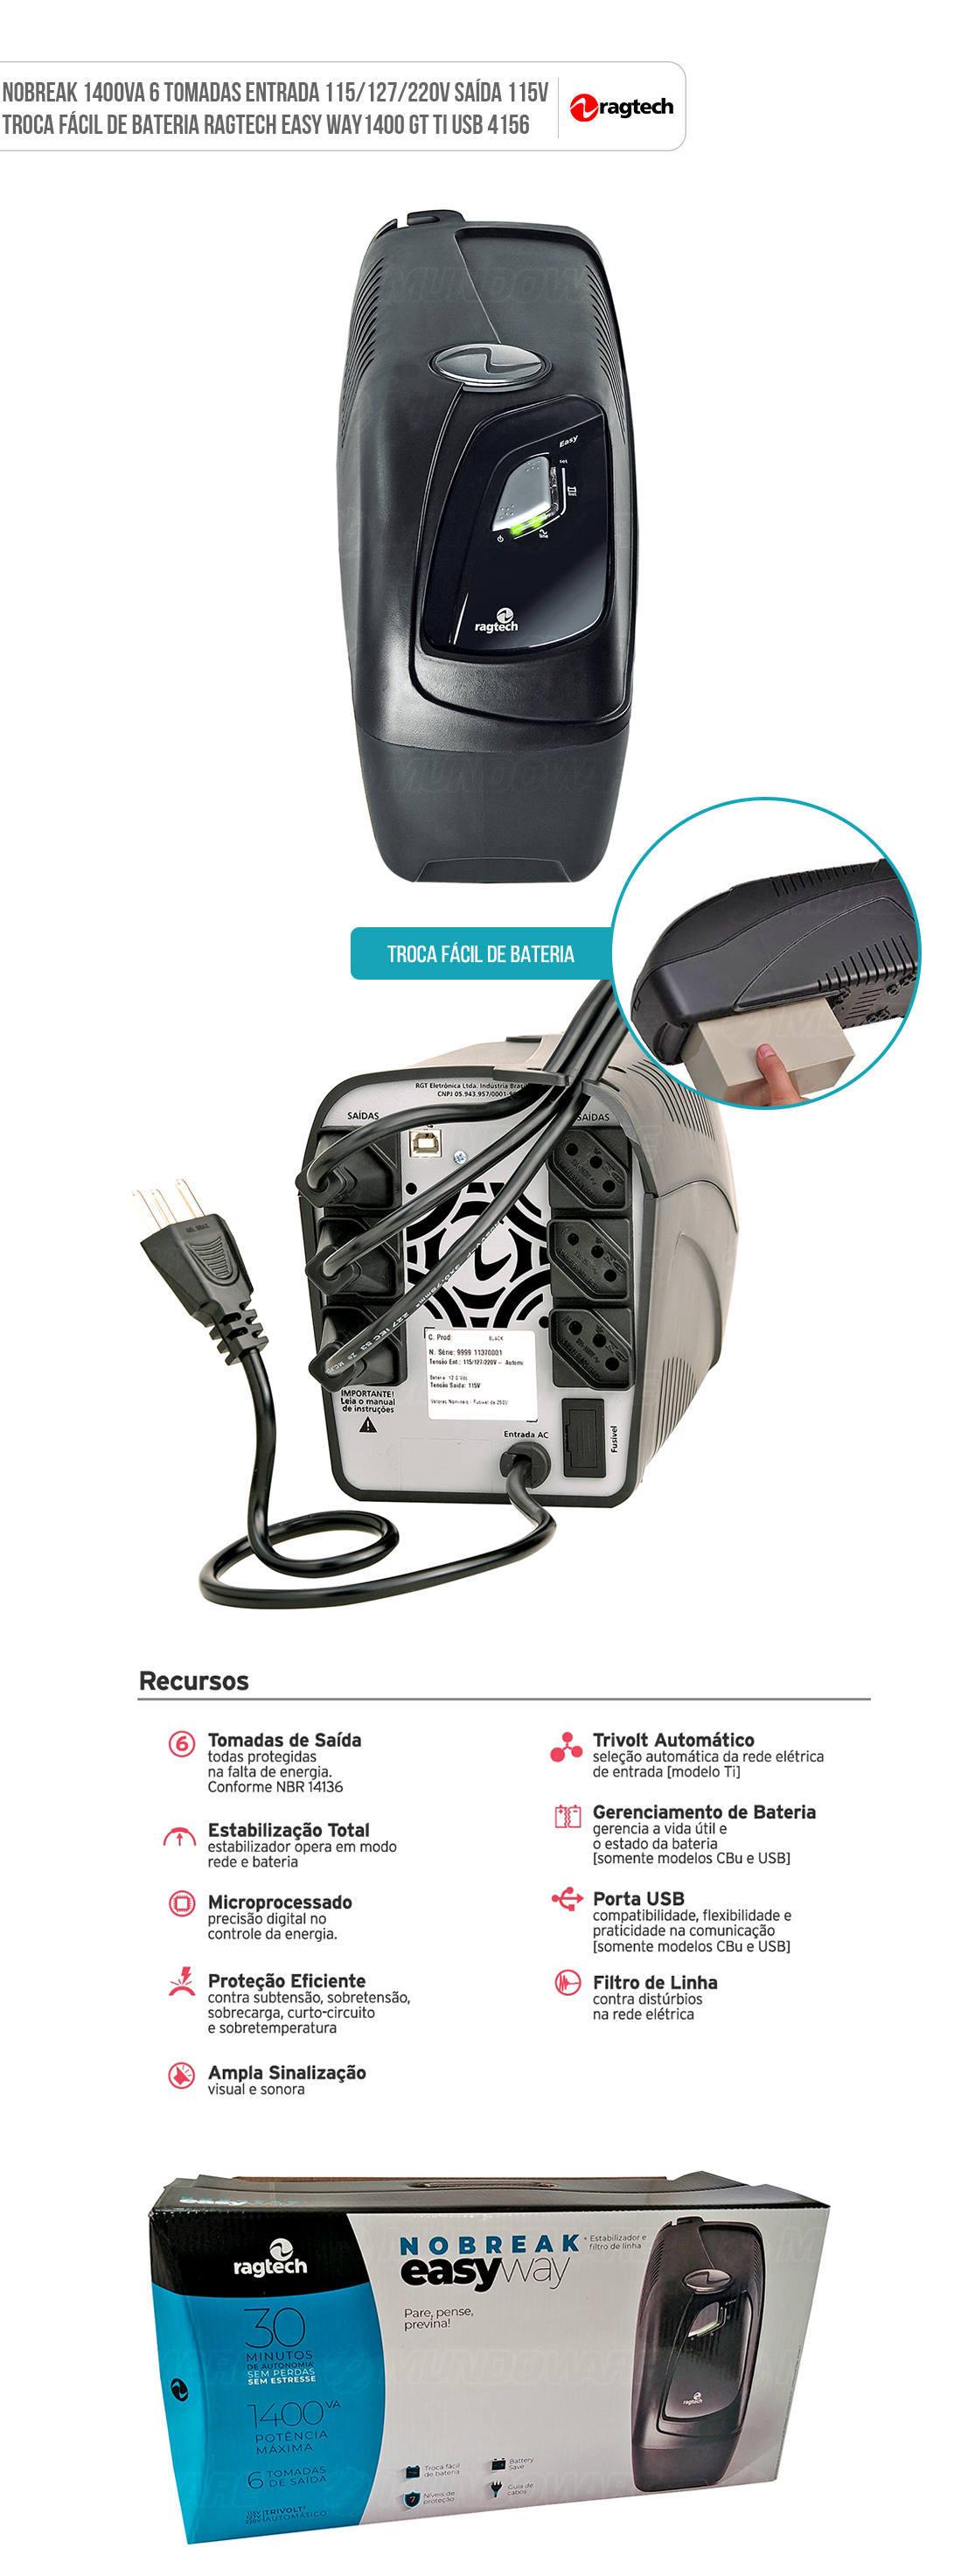 Nobreak 1400VA 980W 6 Tomadas PWM USB Entrada 115/127/220V Saída 115V Troca Fácil de Bateria Ragtech 4156